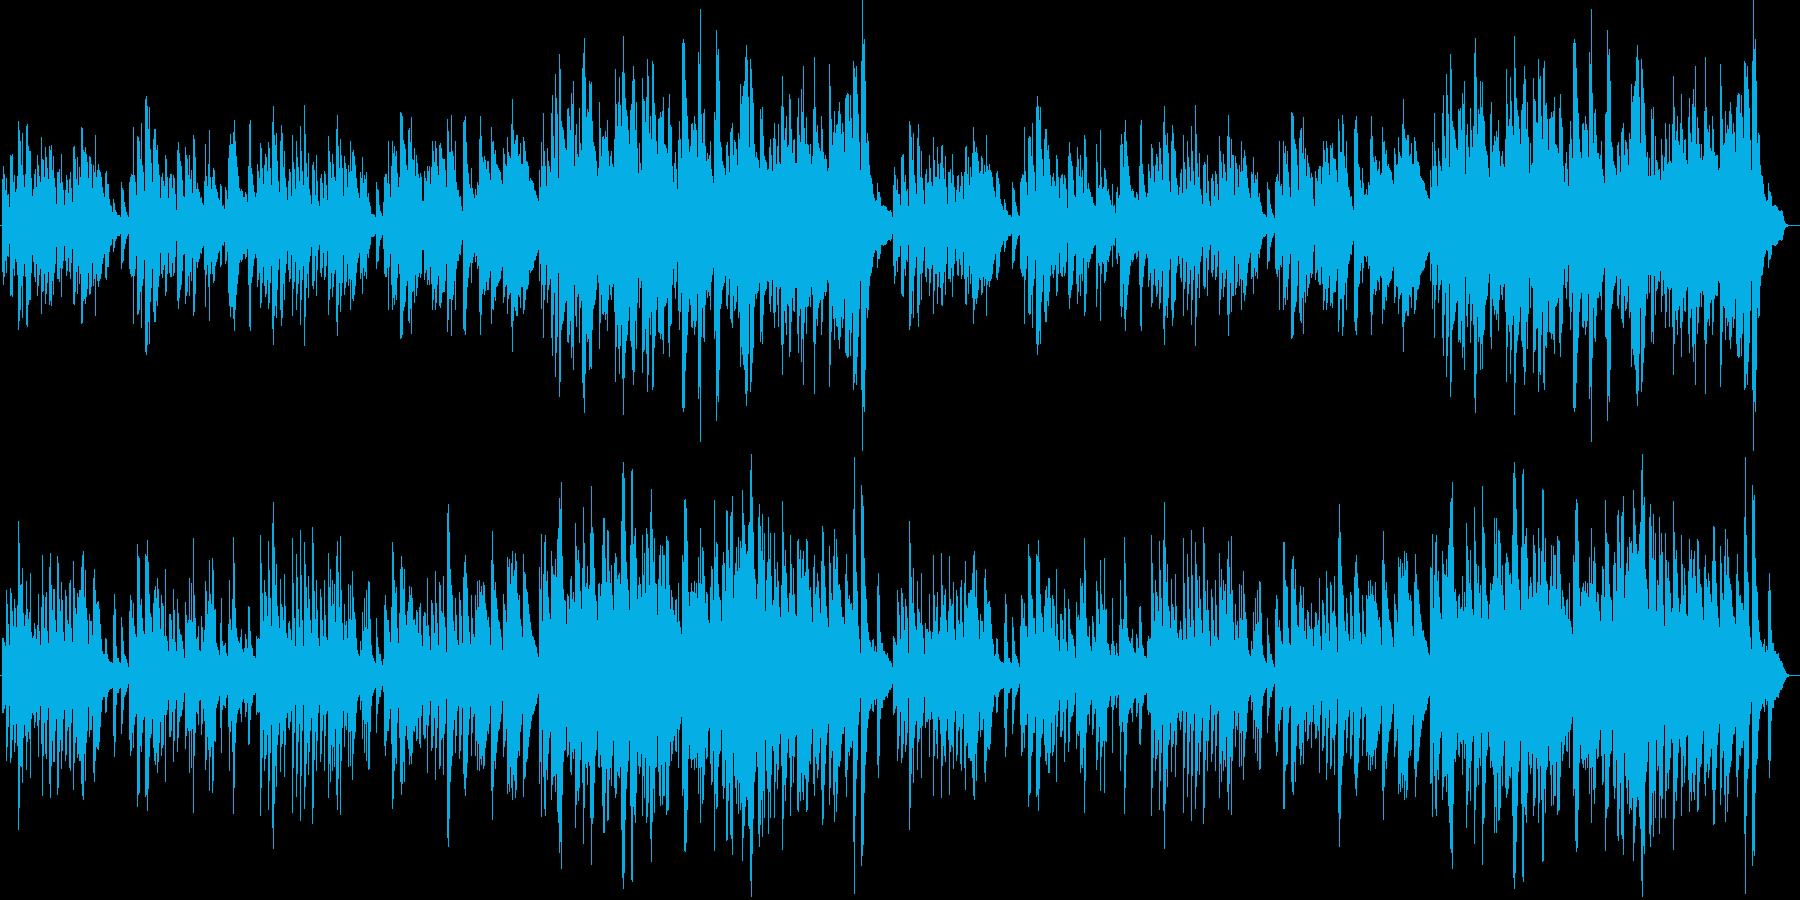 【CM、BGM】ピアノ曲「懐かしい夢」の再生済みの波形